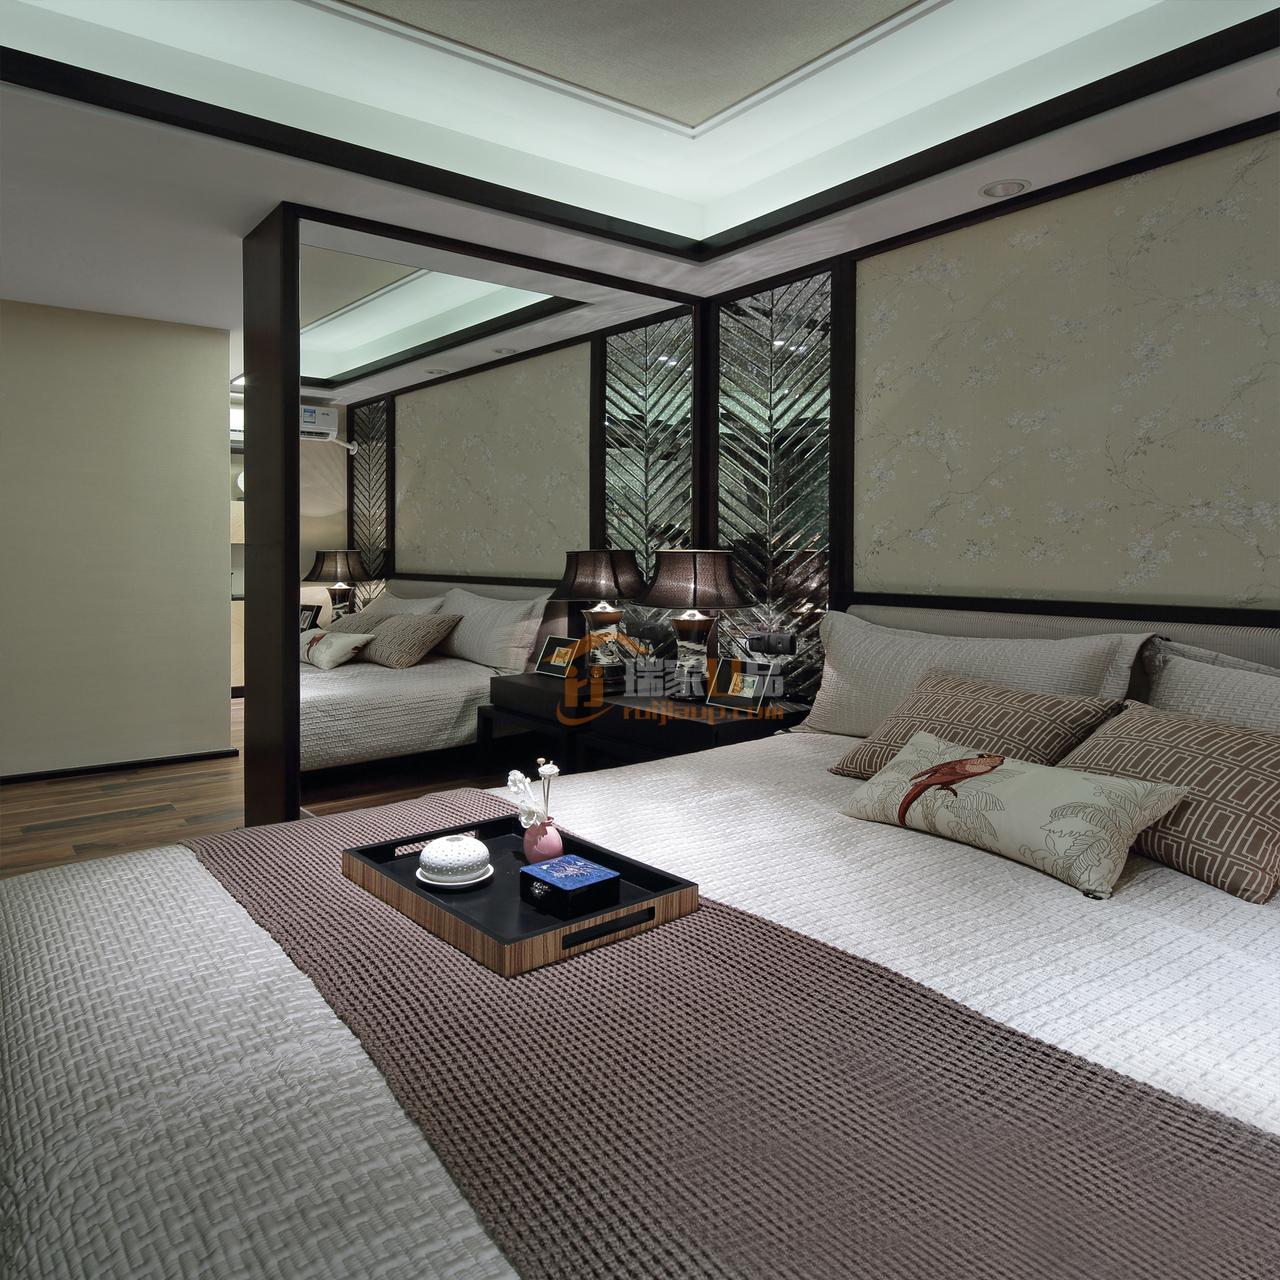 家具的高雅和文化内涵,又有现代家具的简约与时尚,特别是使用舒适感也很强。